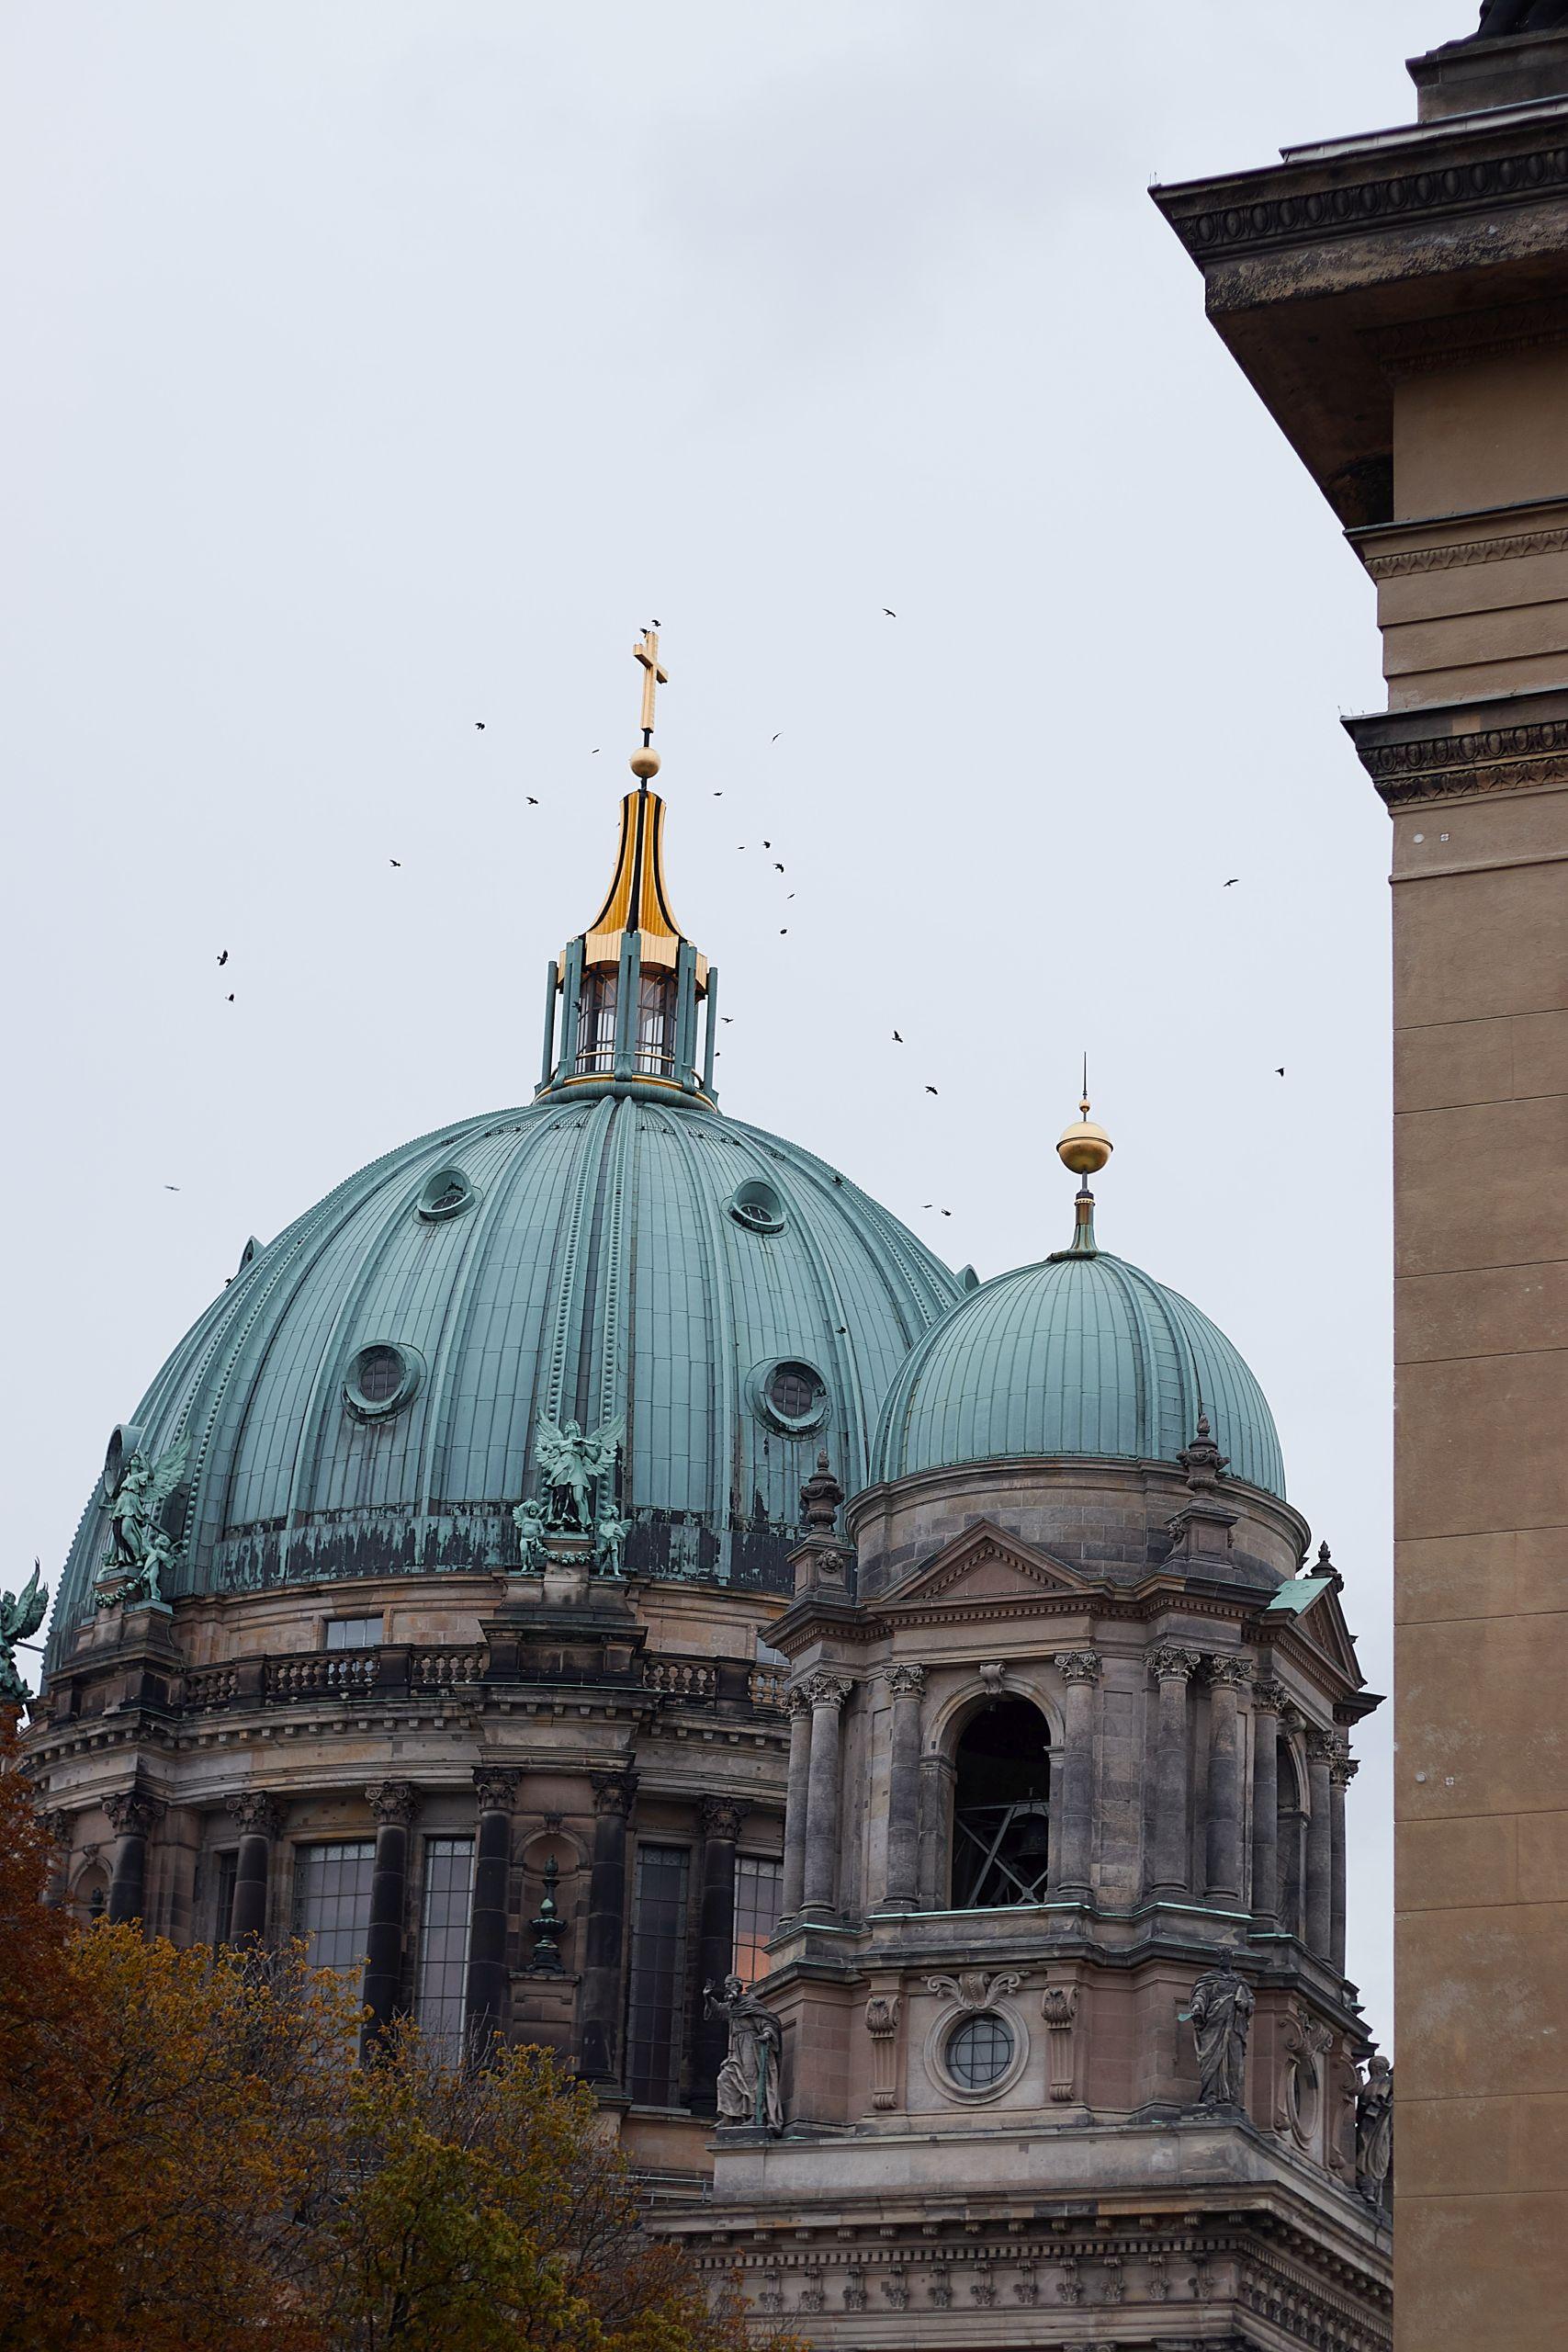 Berliner Sehenswürdigkeit an einem Tag in Berlin